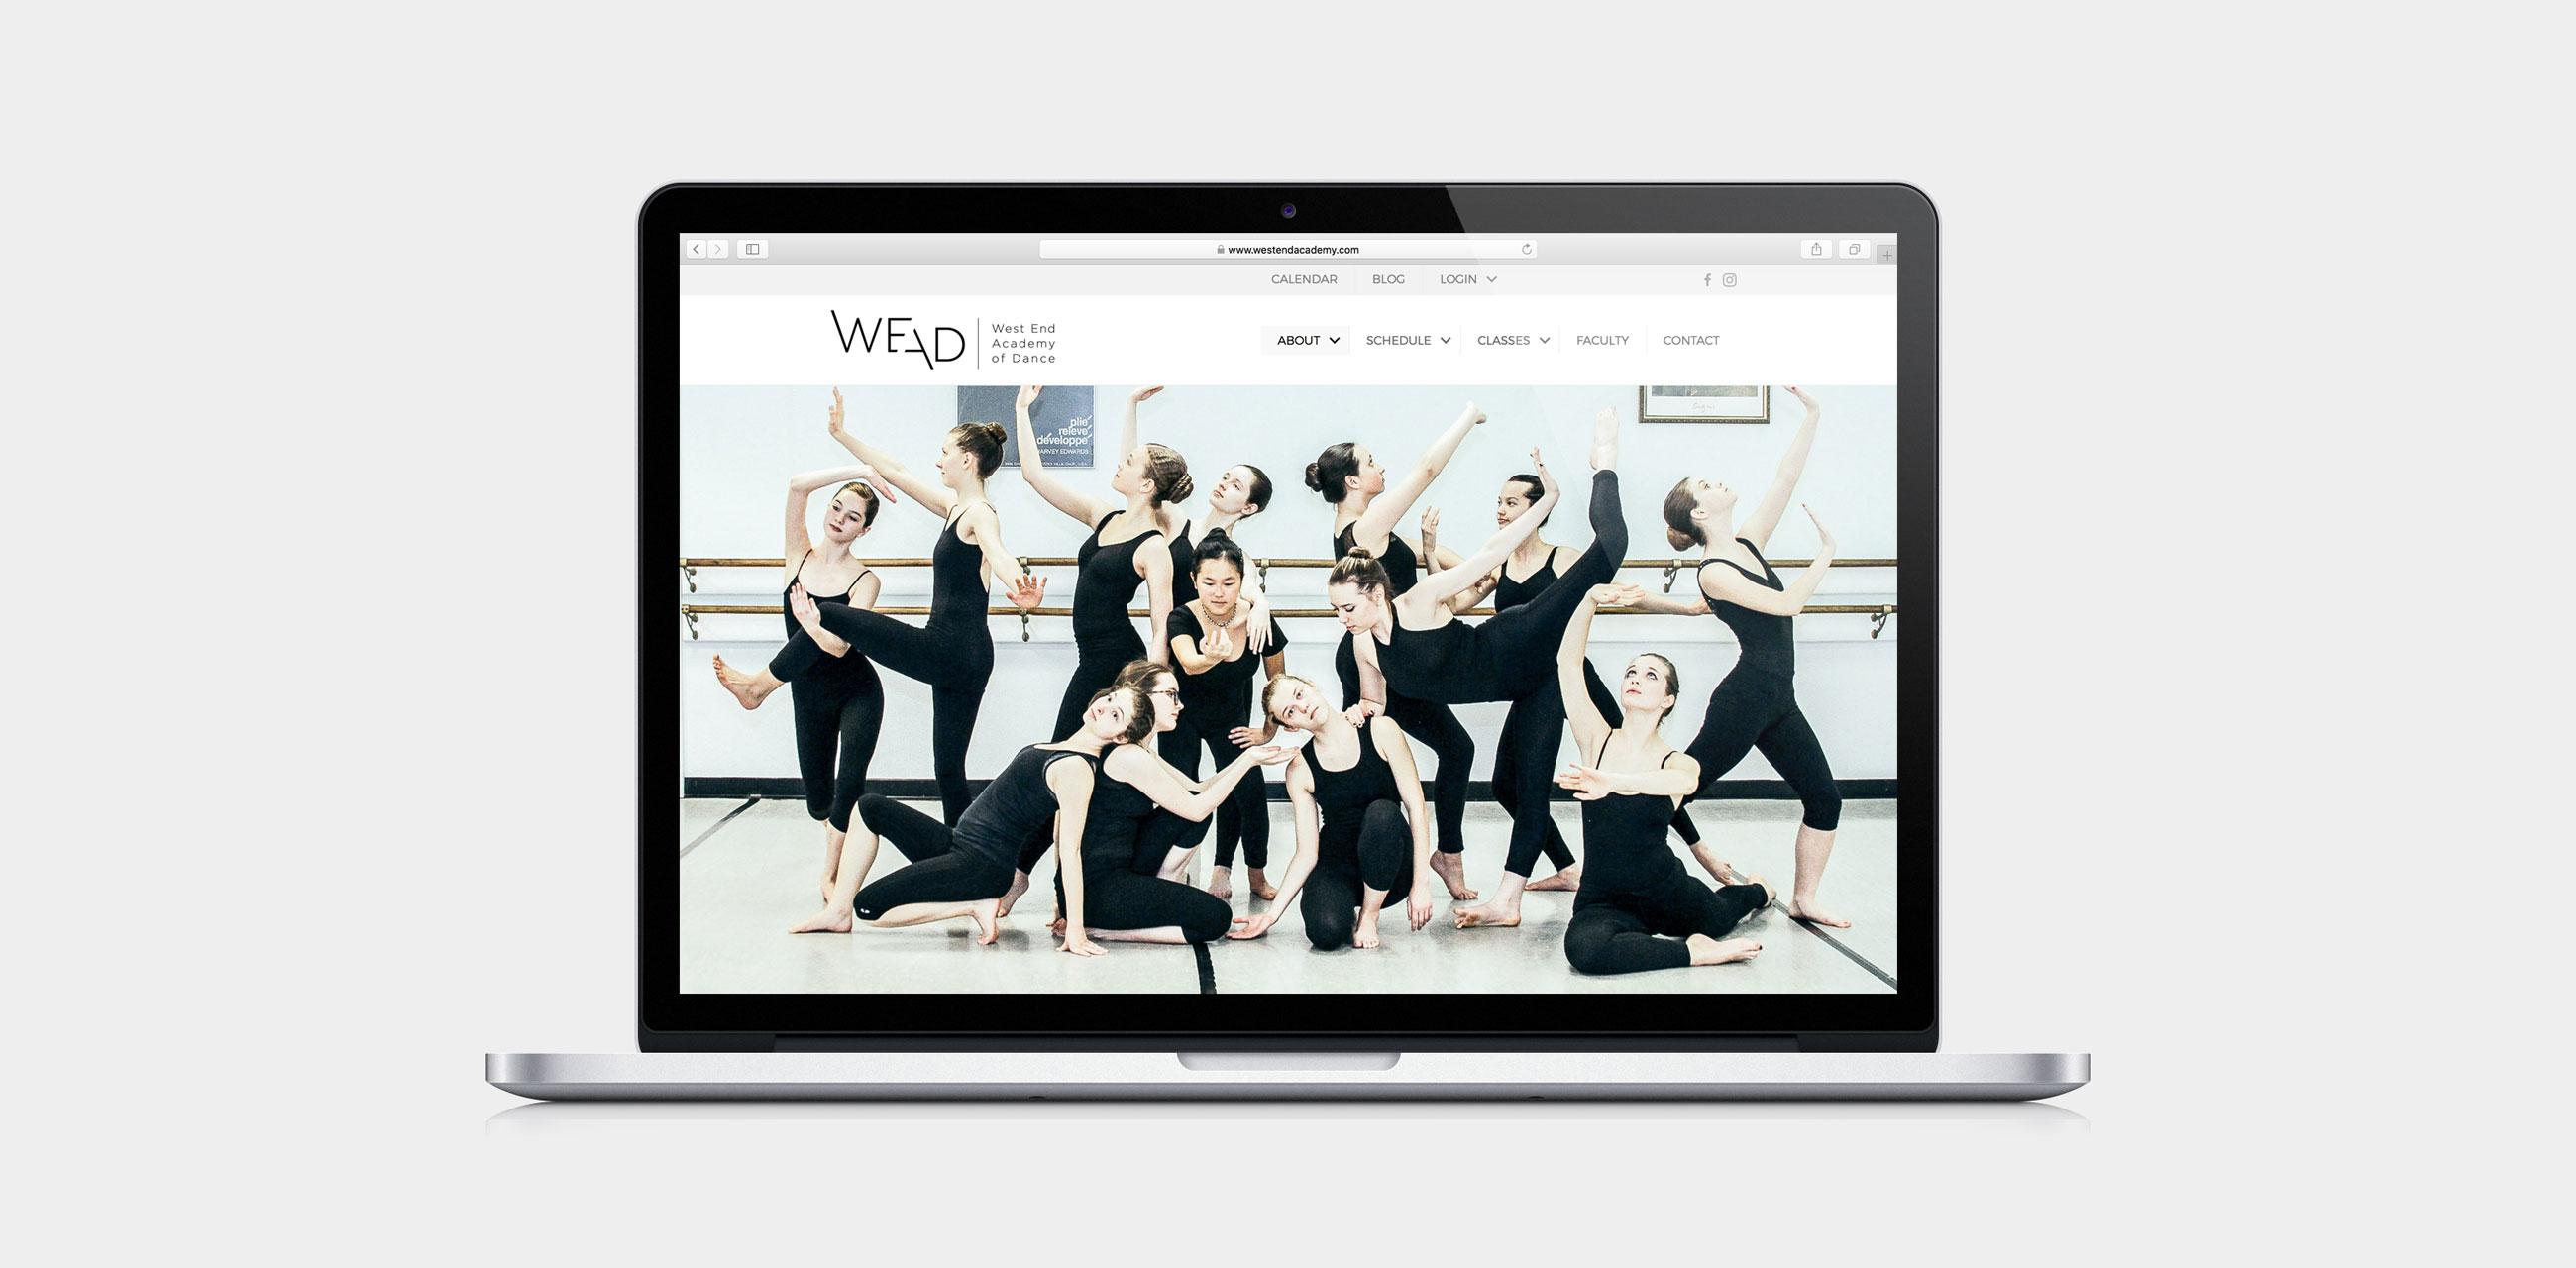 WEAD website on laptop